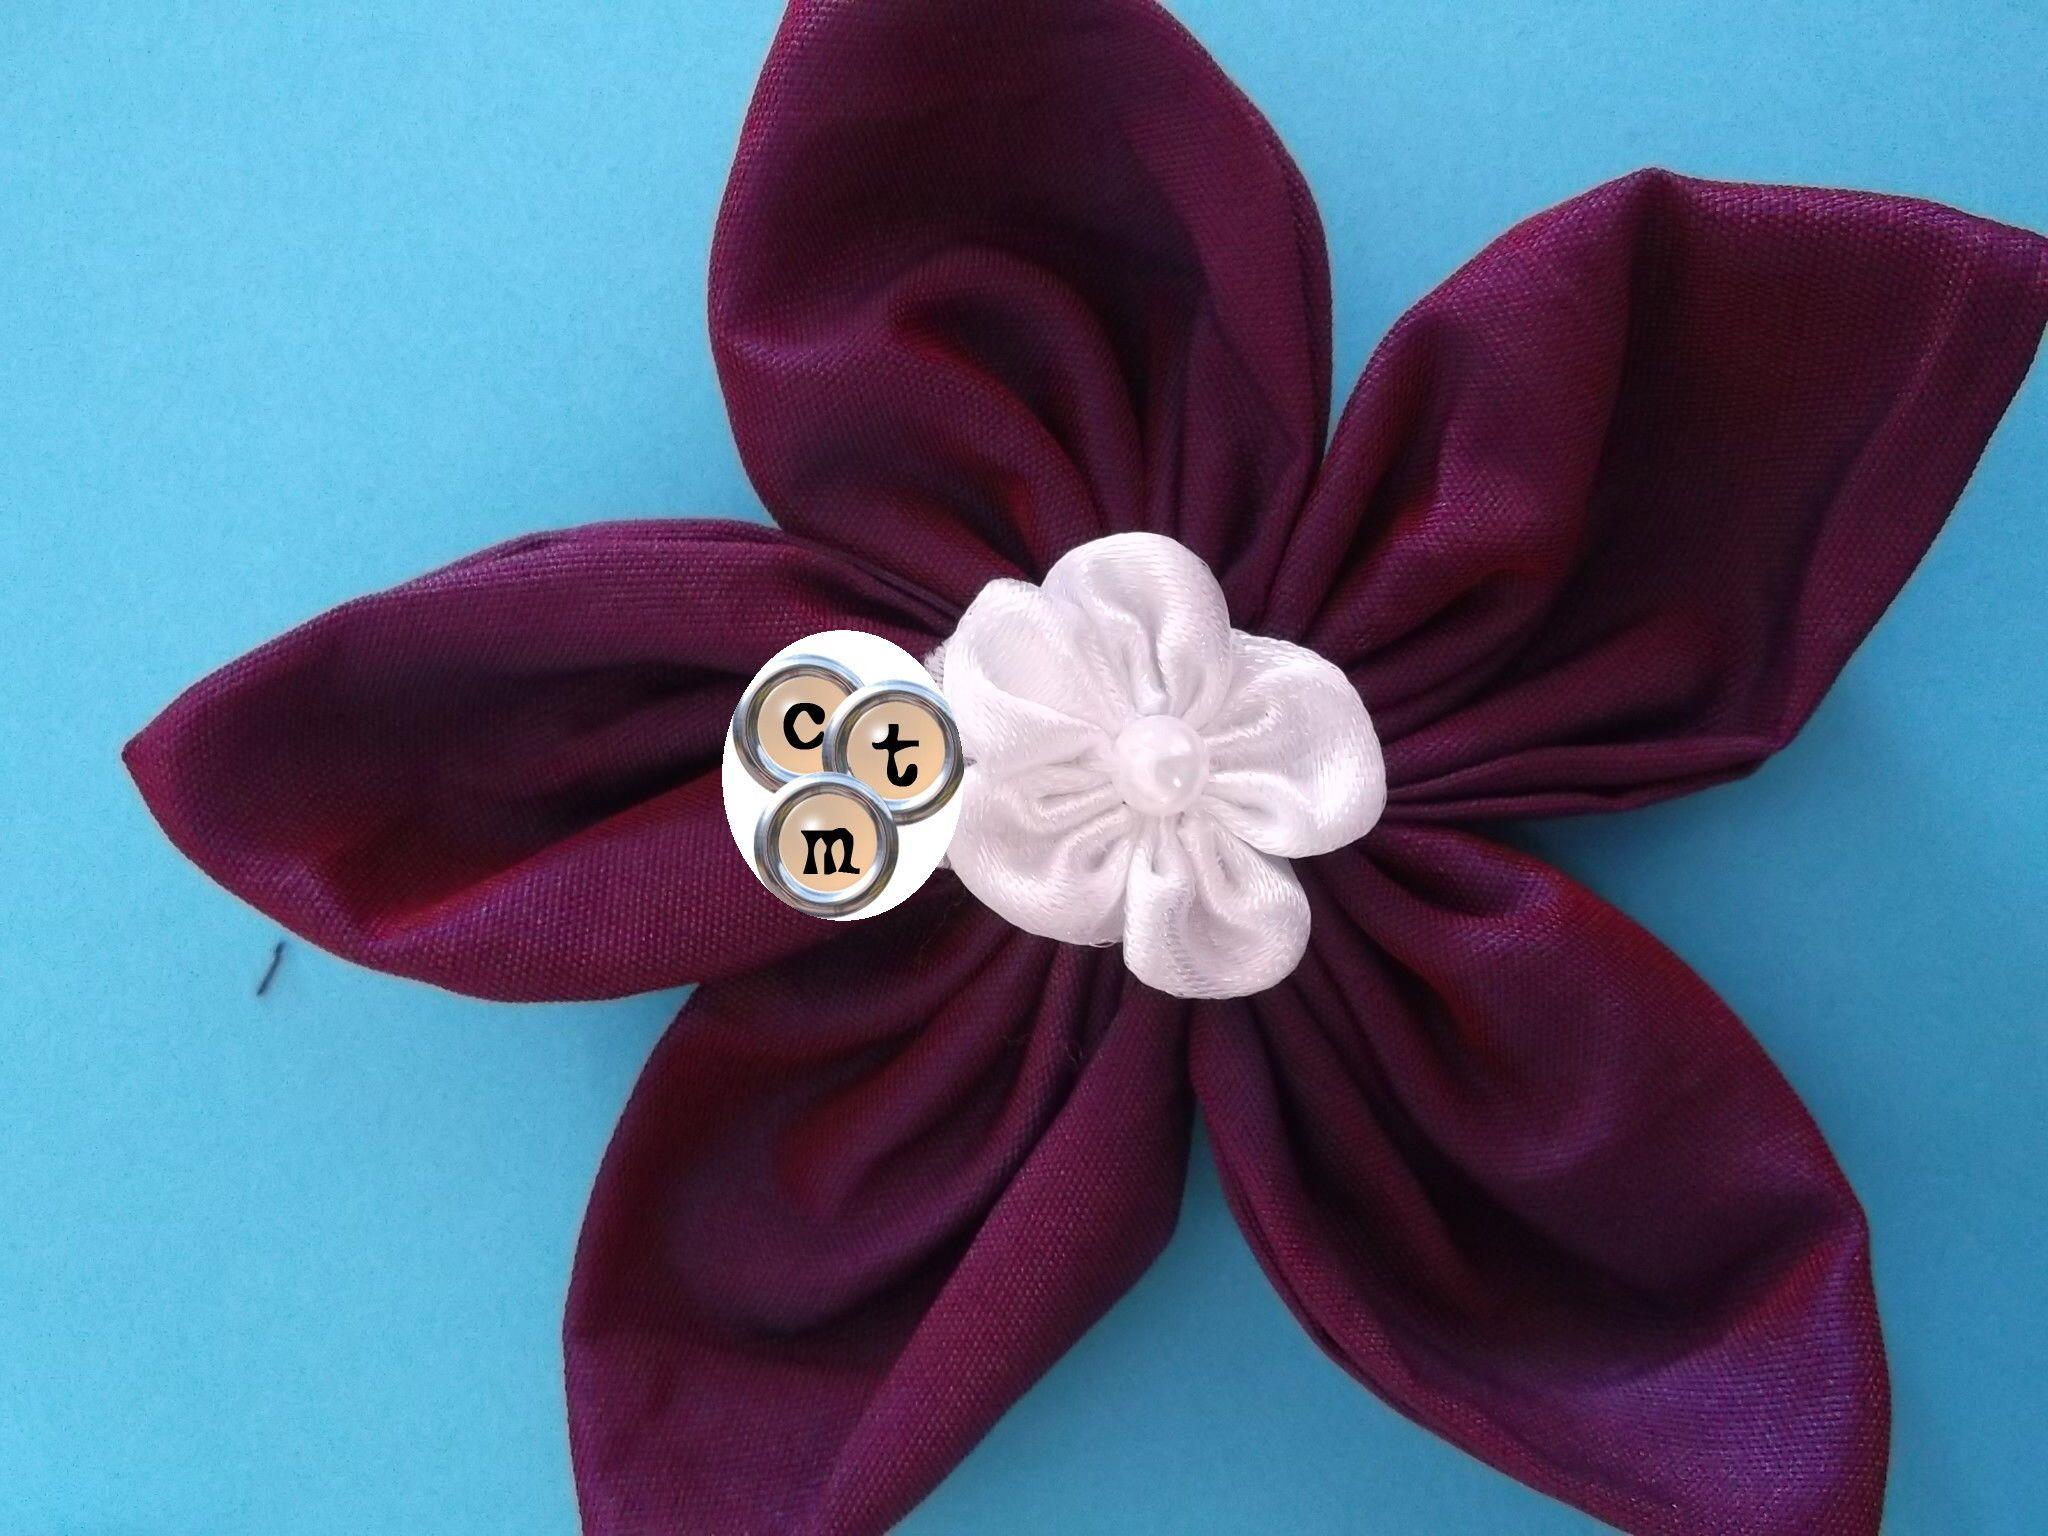 tuto d 39 une fleur en tissu pour custumisation c 39 est tout moi coutu 39 r cup loisirs cr atifs. Black Bedroom Furniture Sets. Home Design Ideas